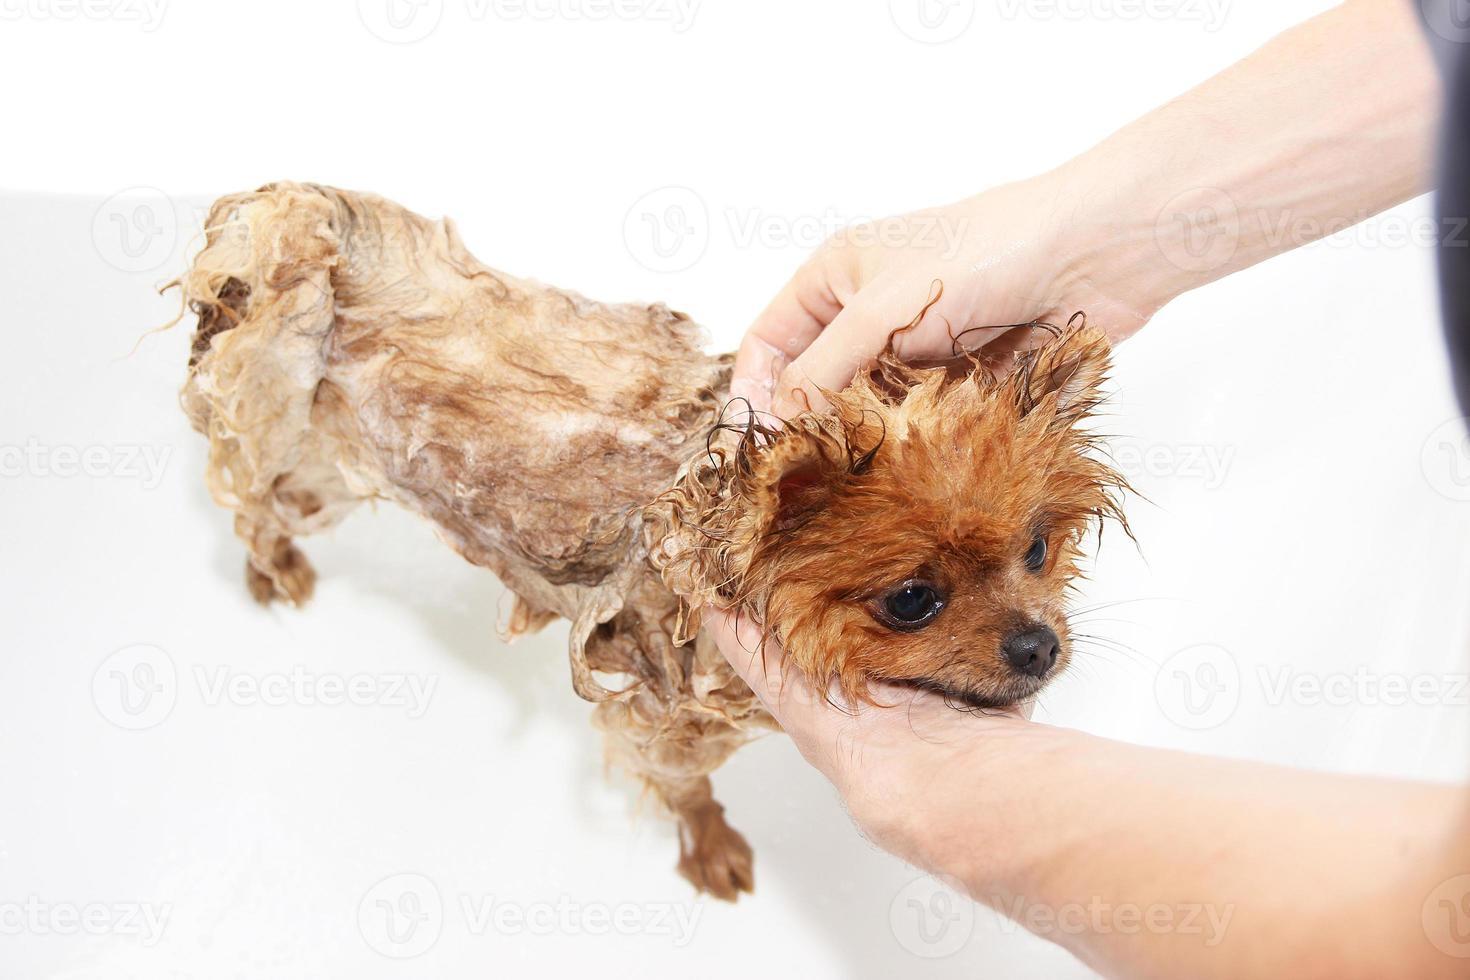 pomeranian hund tar en dusch med tvål och vatten foto